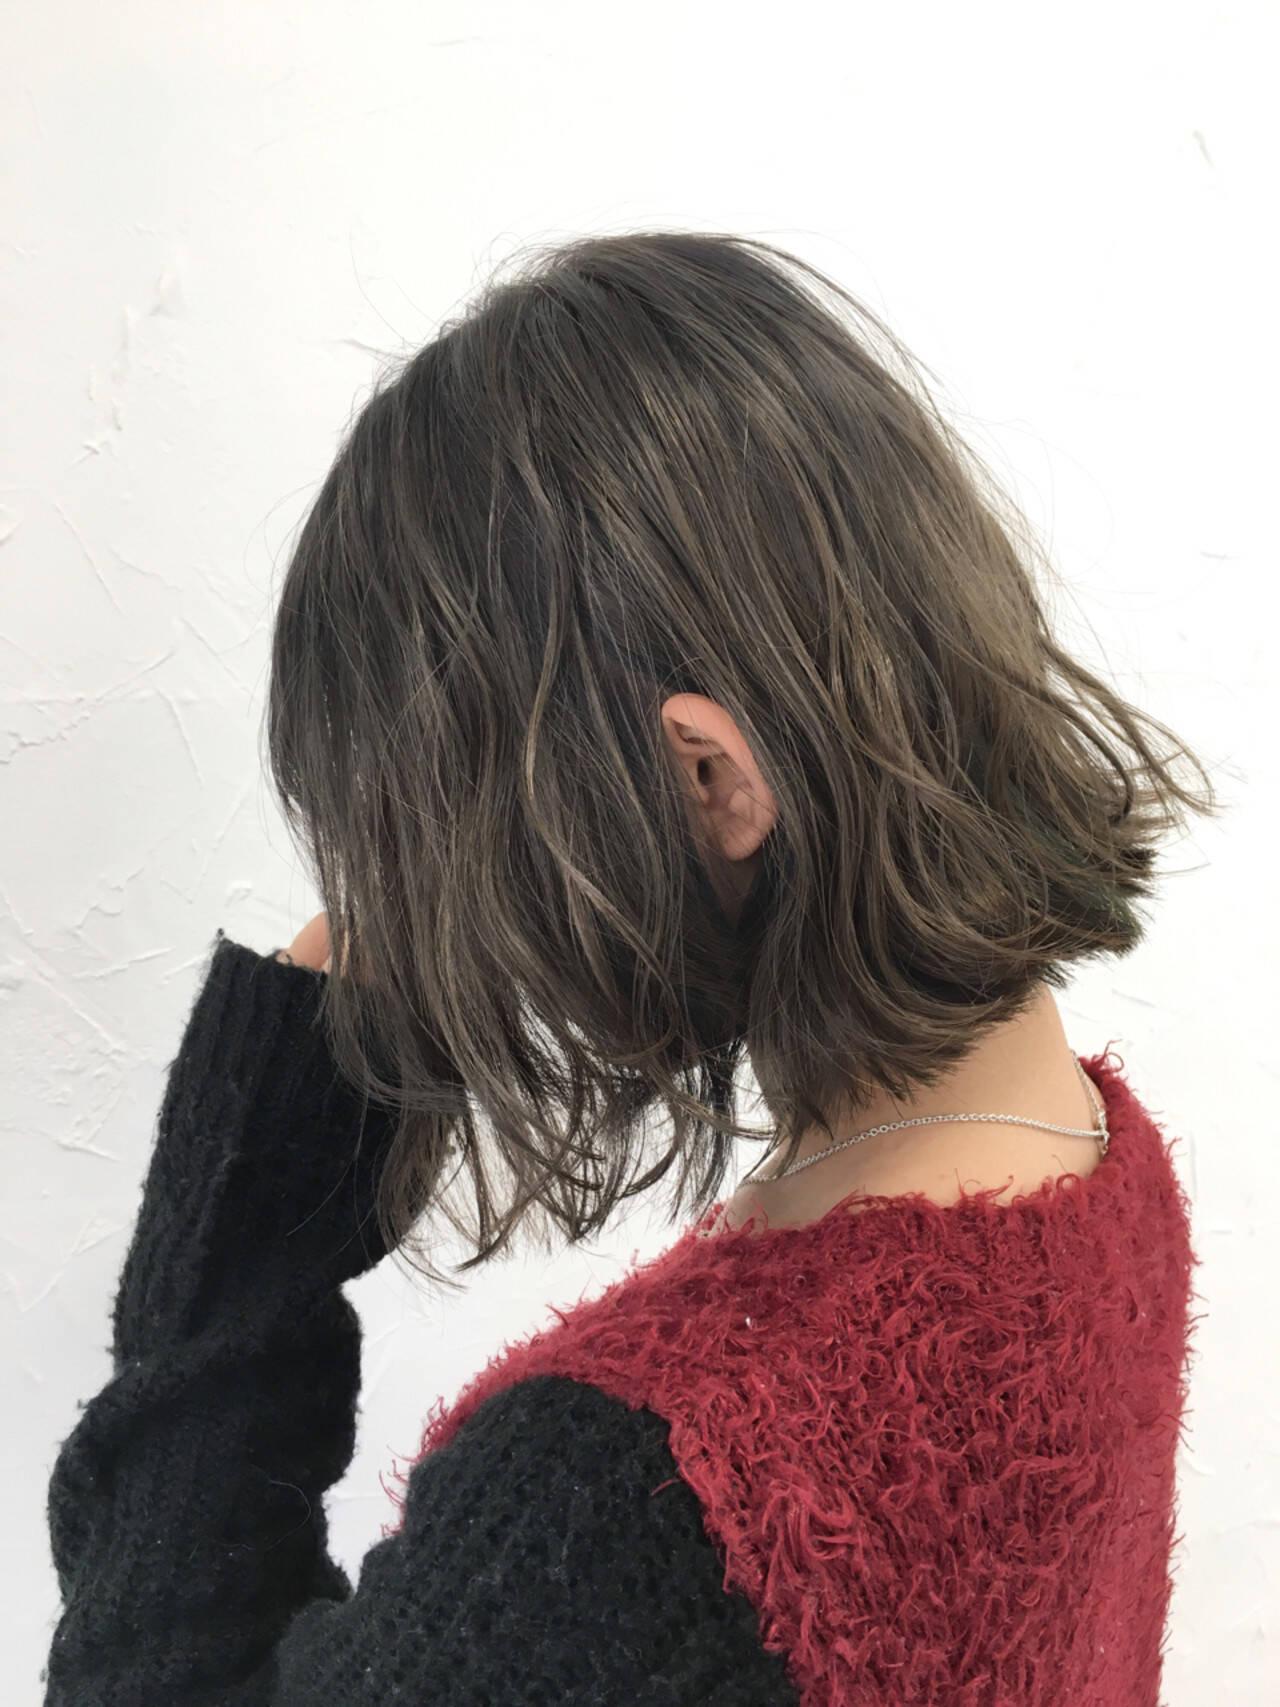 ミルクティー ナチュラル ボブ 前髪ありヘアスタイルや髪型の写真・画像